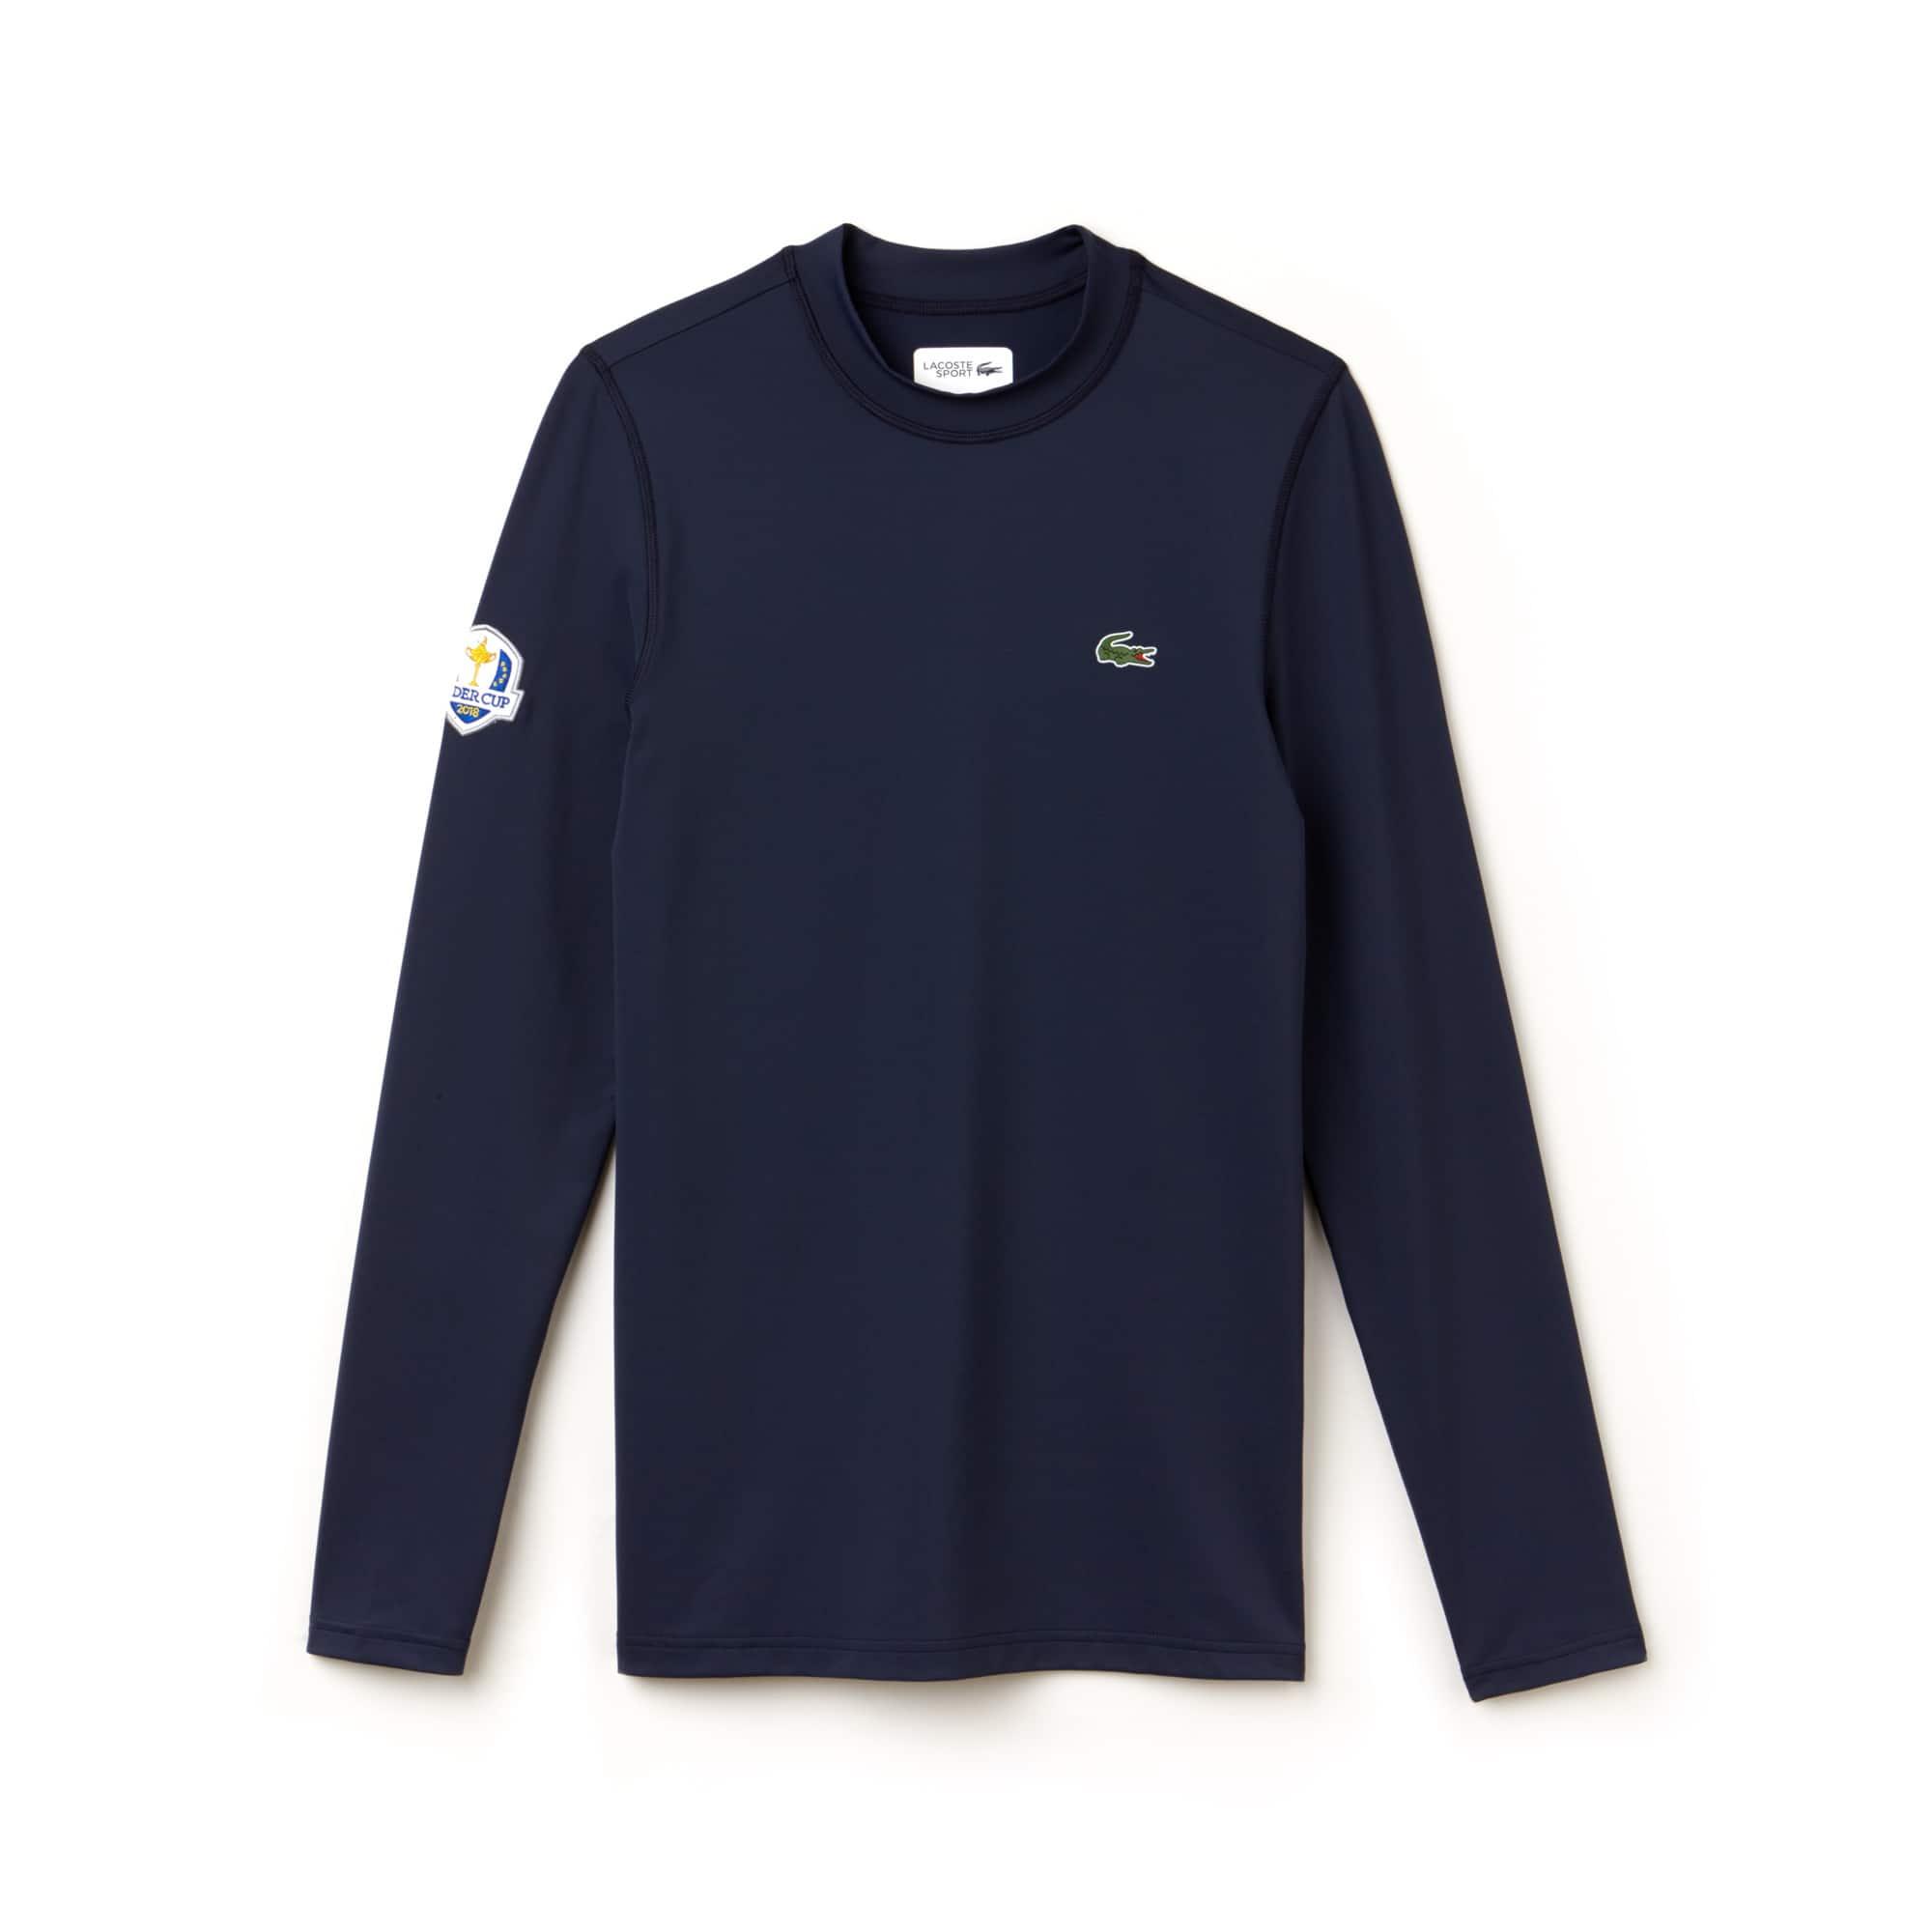 Camiseta Golf Lacoste Sport De Manga Larga De Punto Liso Edición Ryder Cup